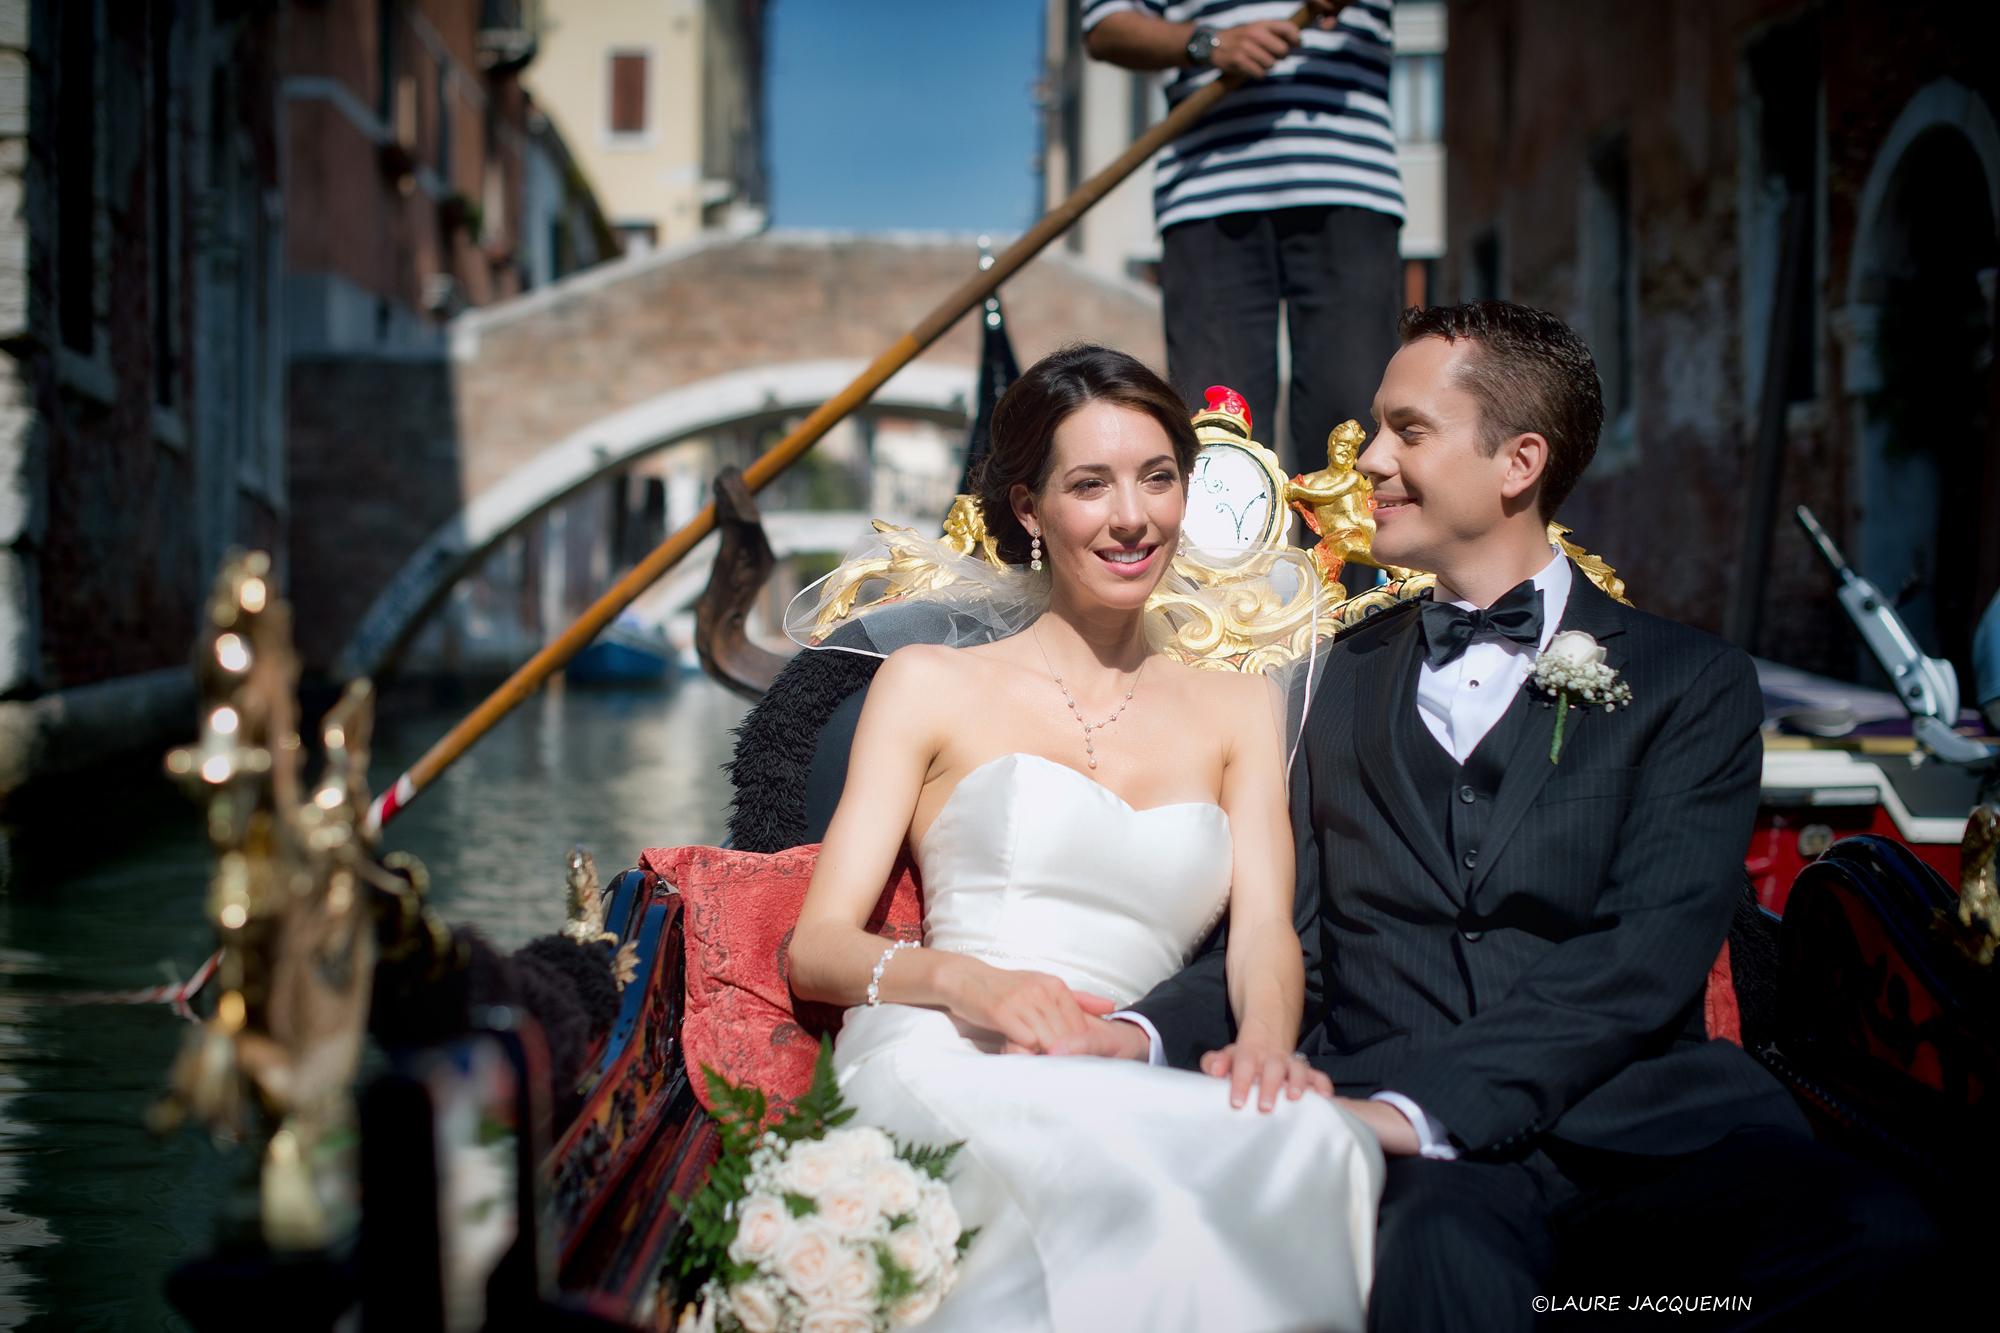 venise mariage photographe laure Jacquemin simbolique jardin venitien gondole (122)